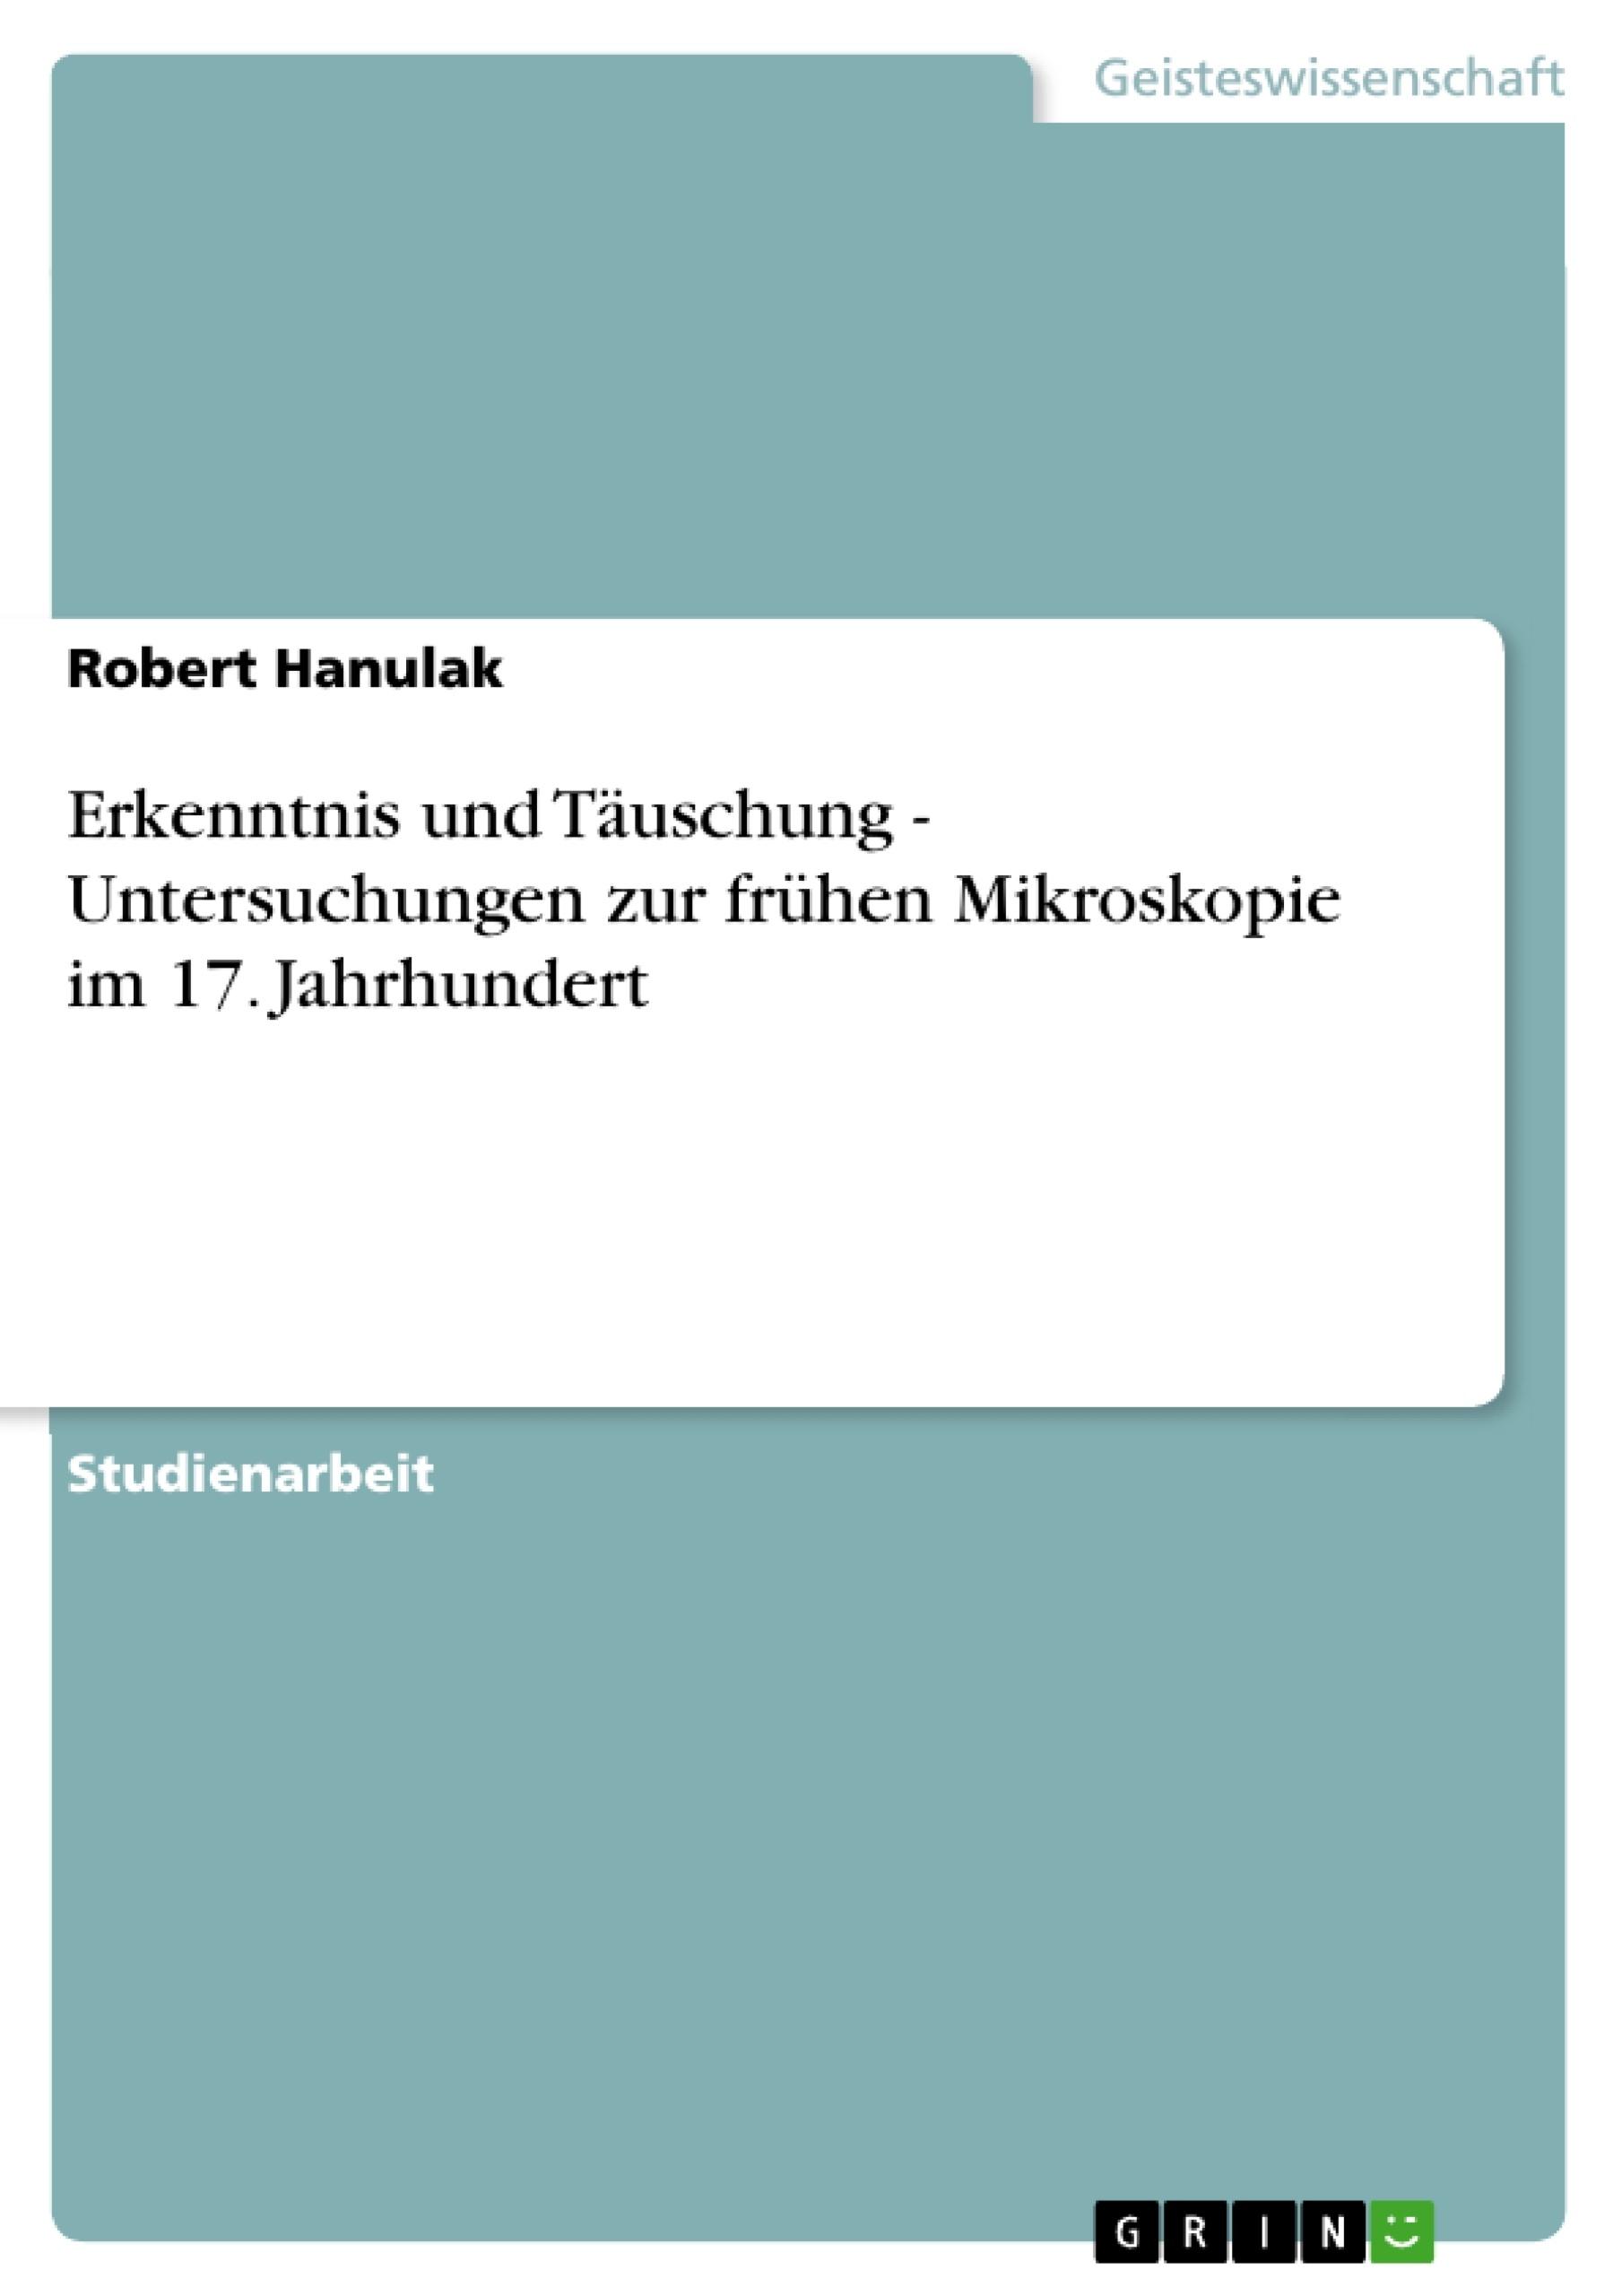 Titel: Erkenntnis und Täuschung - Untersuchungen zur frühen Mikroskopie im 17. Jahrhundert